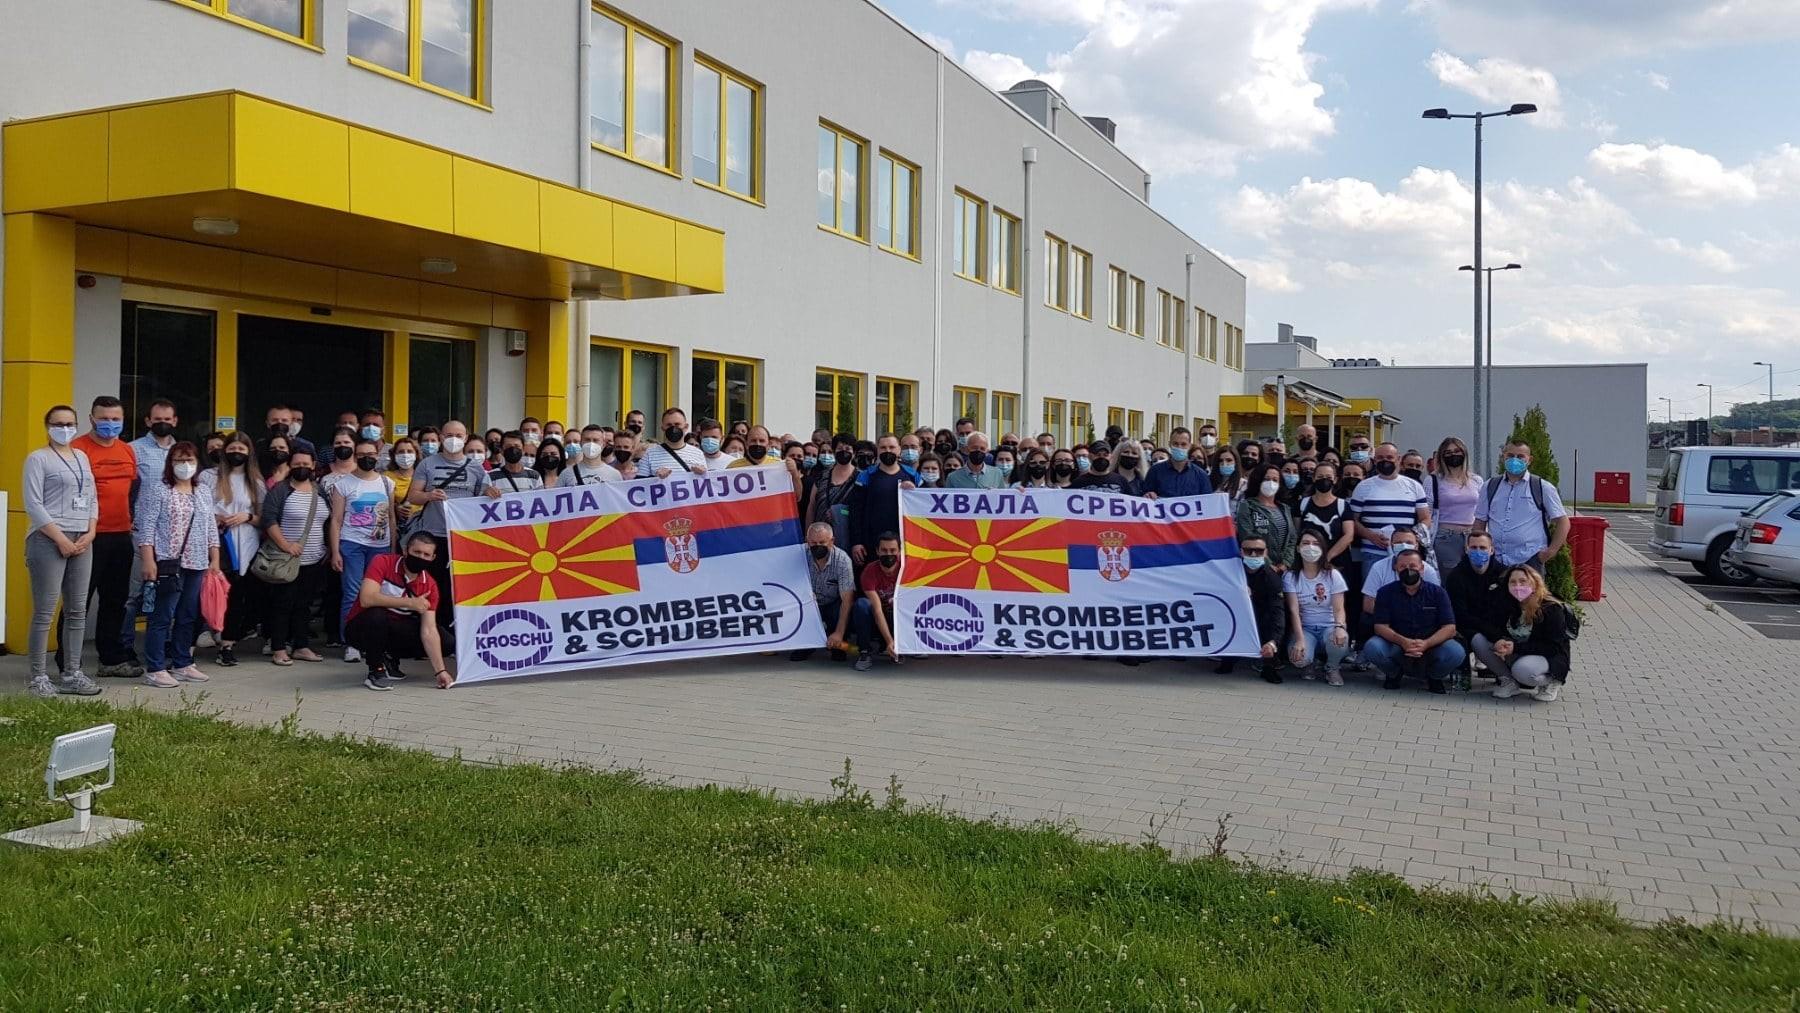 Кромберг и Шуберт носи 1.000 вработени да се вакцинираат во Србија